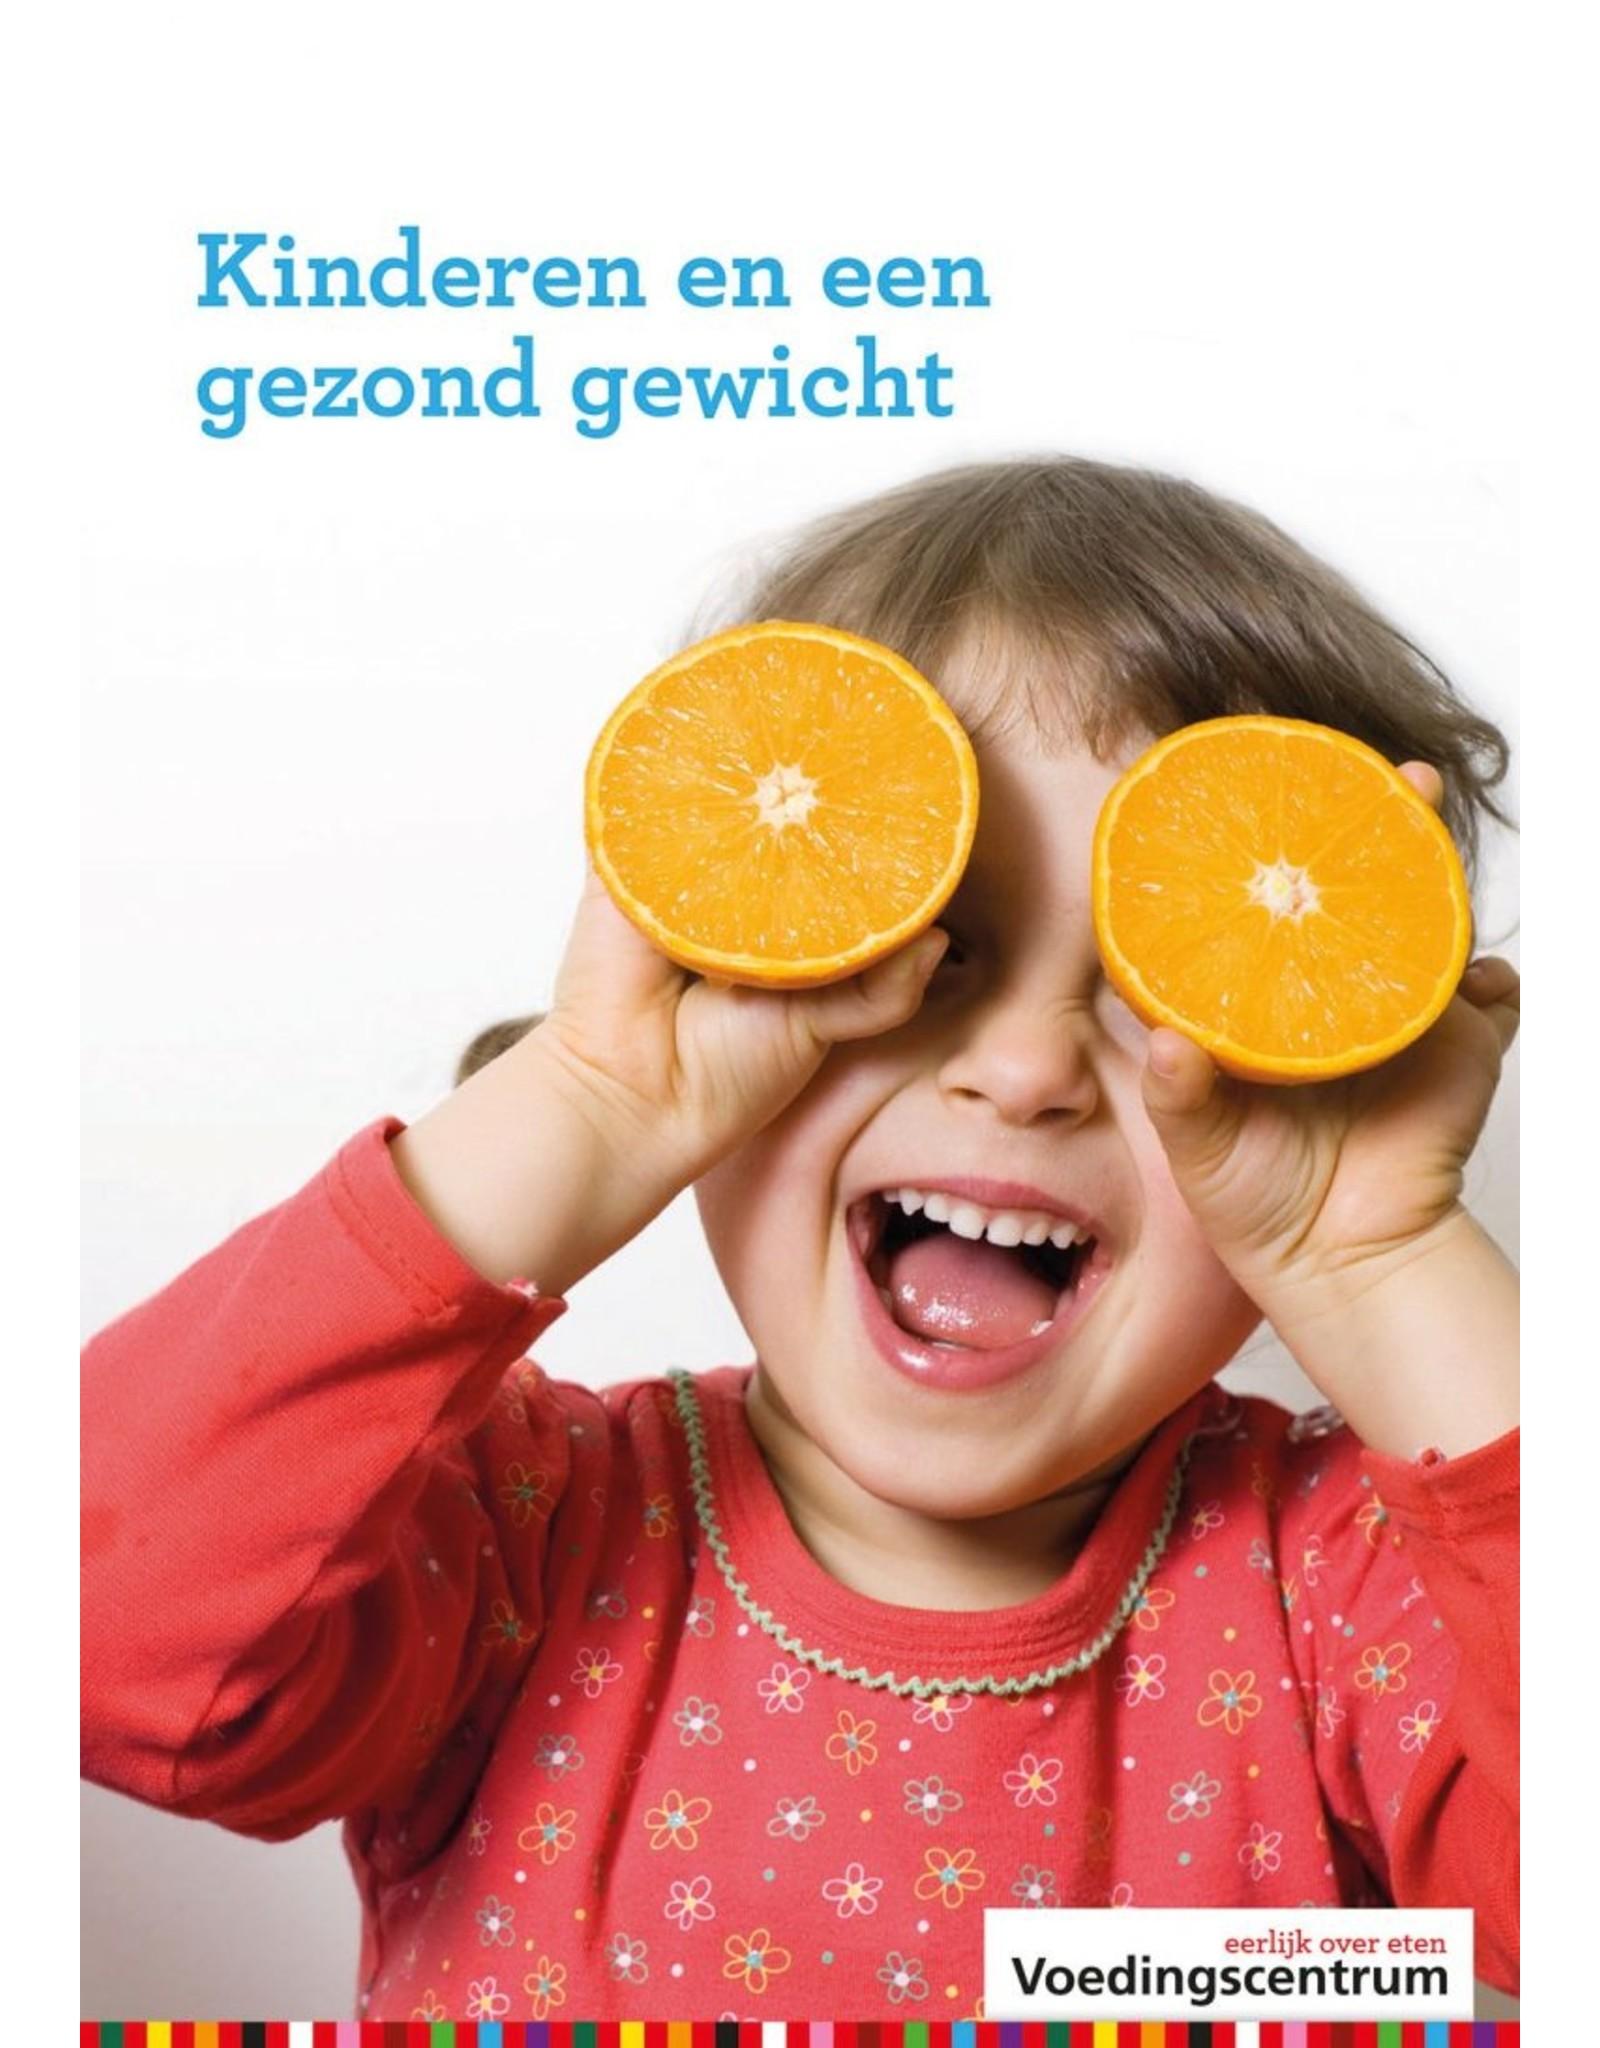 Kinderen en een gezond gewicht - Body & Soap